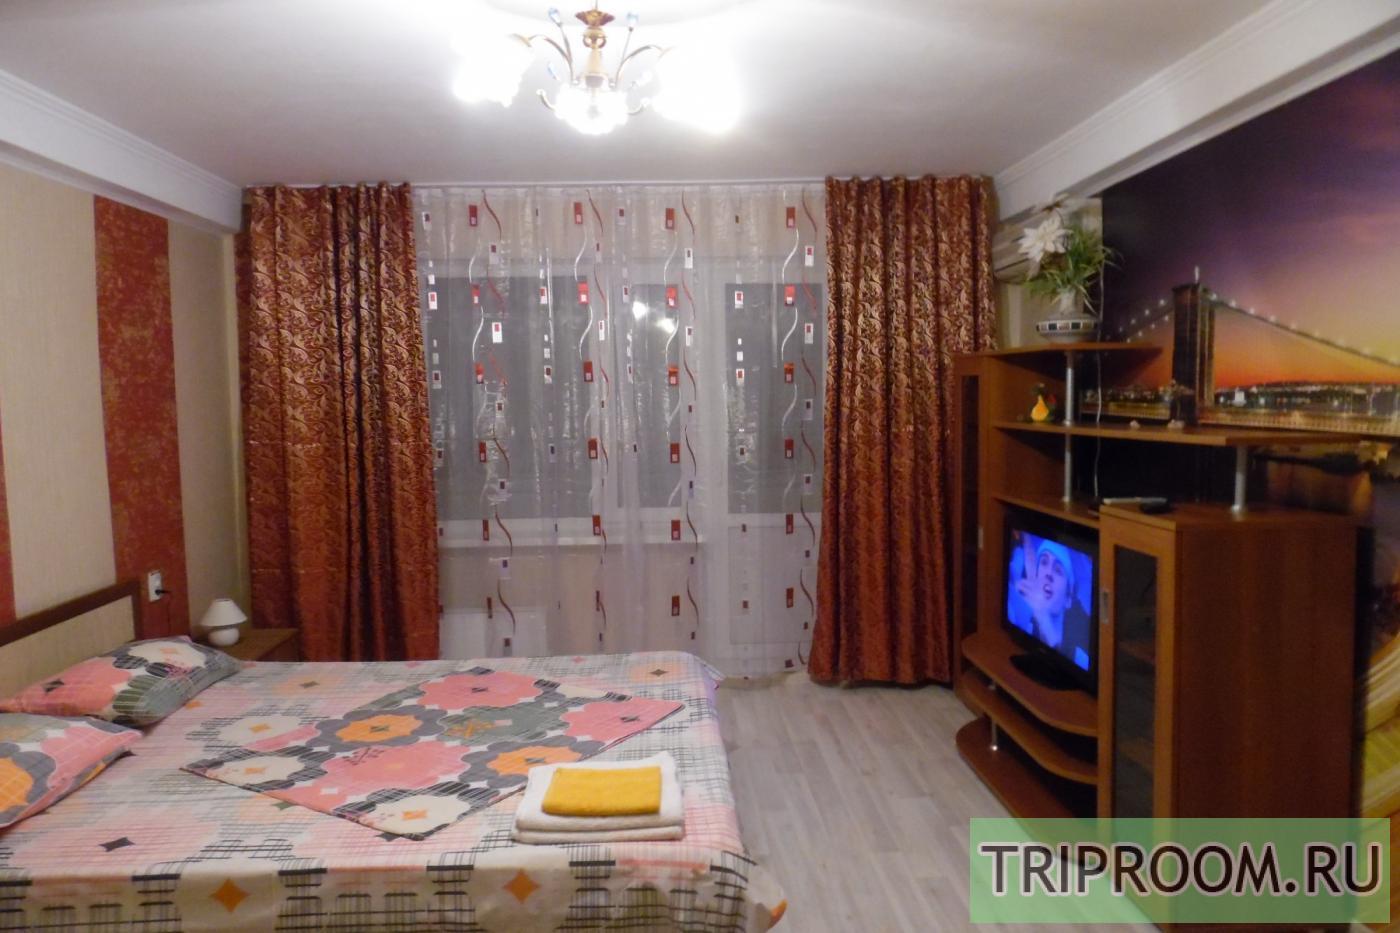 1-комнатная квартира посуточно (вариант № 13726), ул. Чекистов проспект, фото № 6